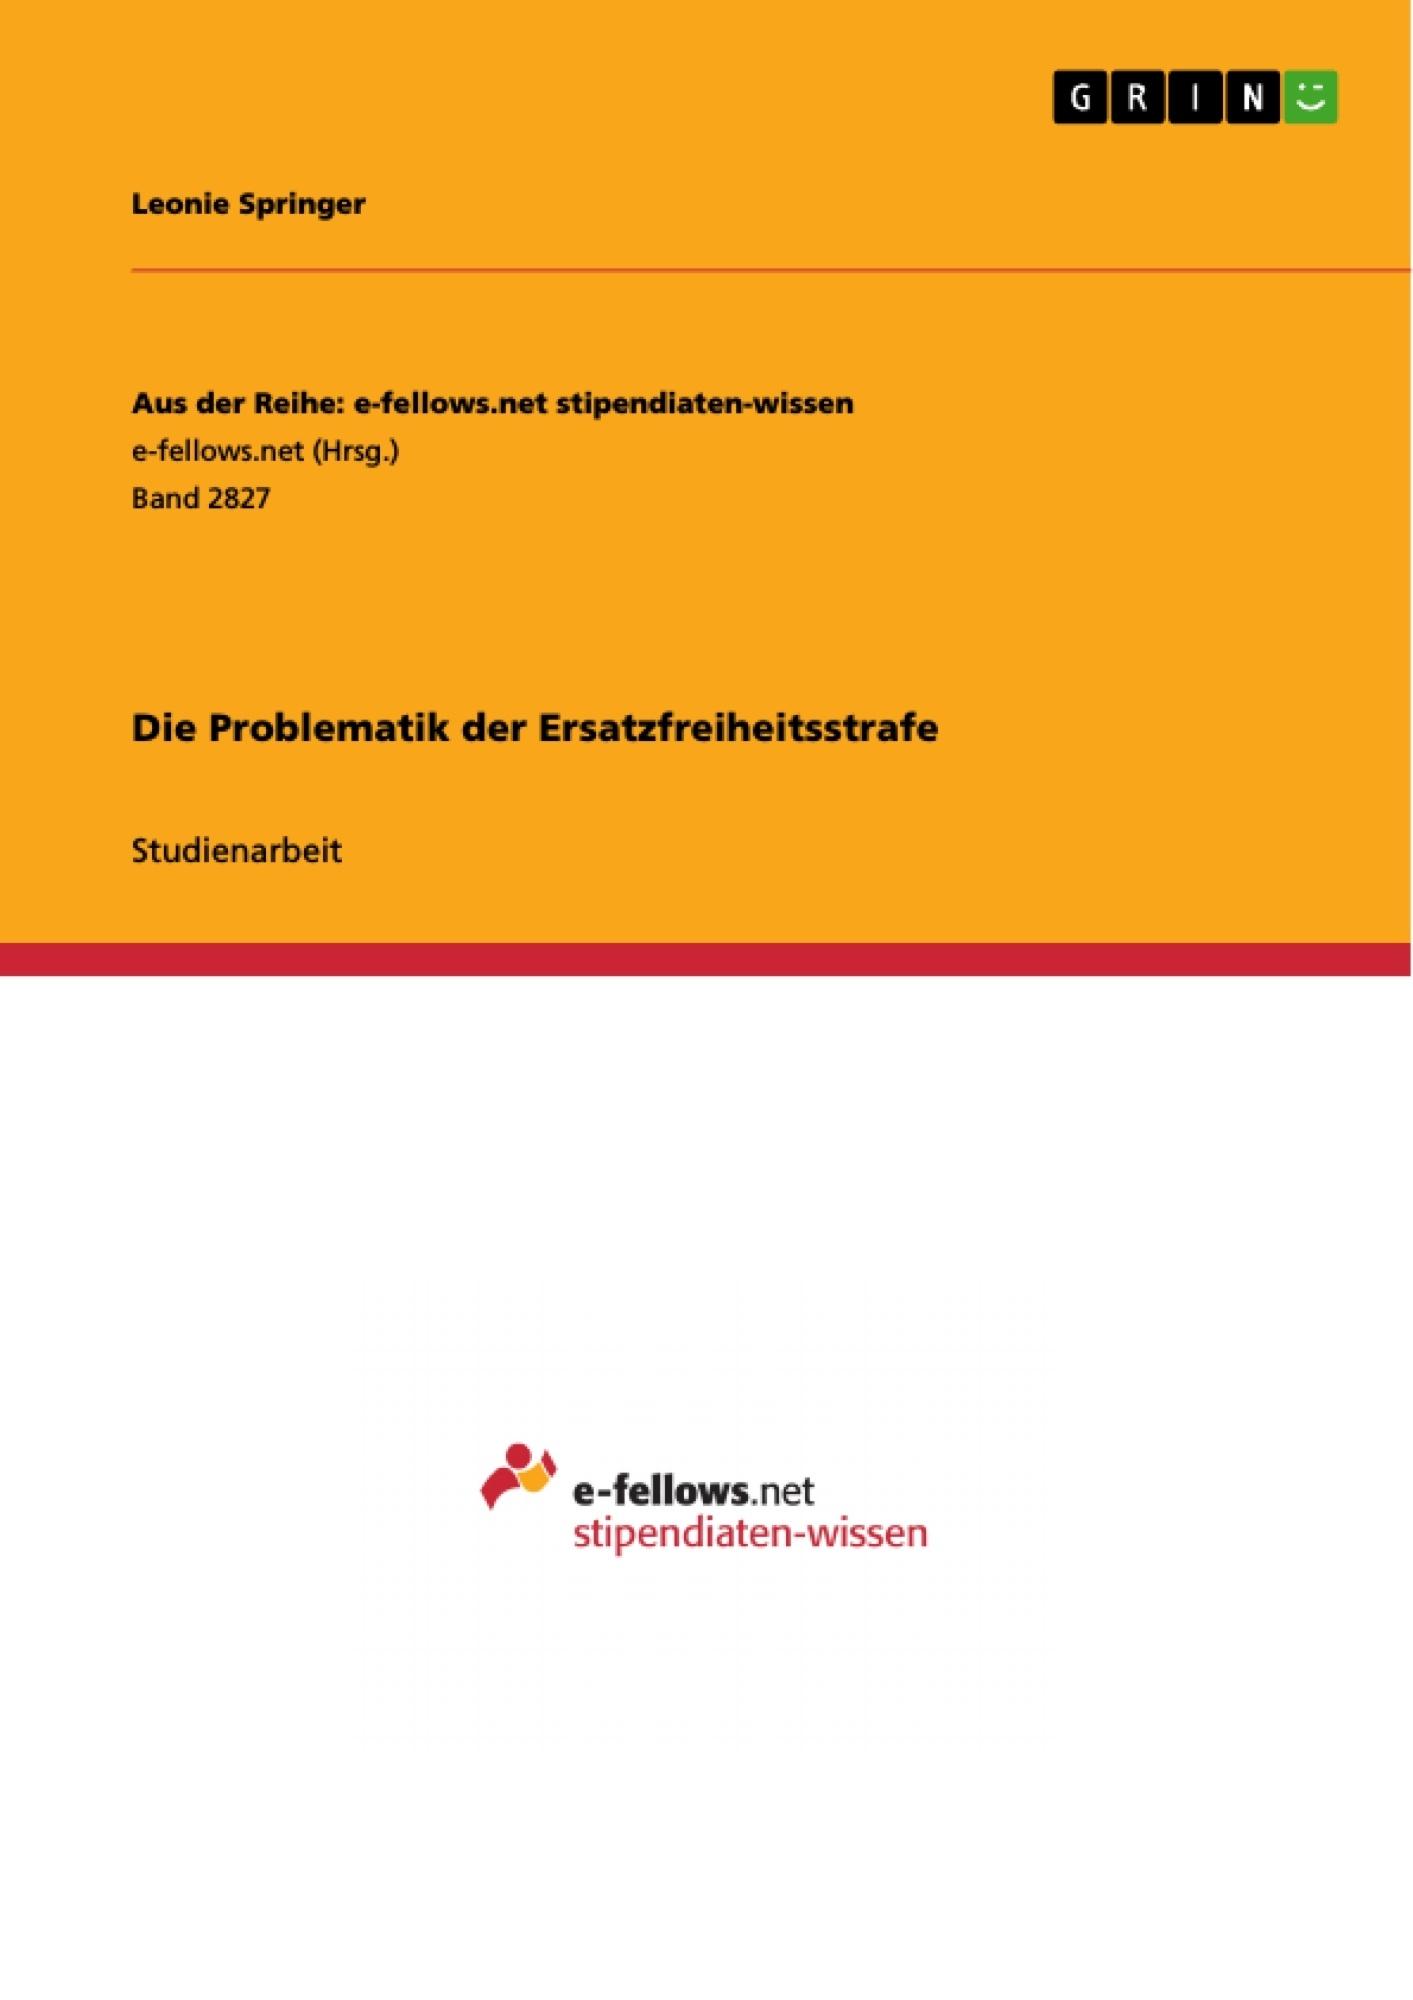 Titel: Die Problematik der Ersatzfreiheitsstrafe